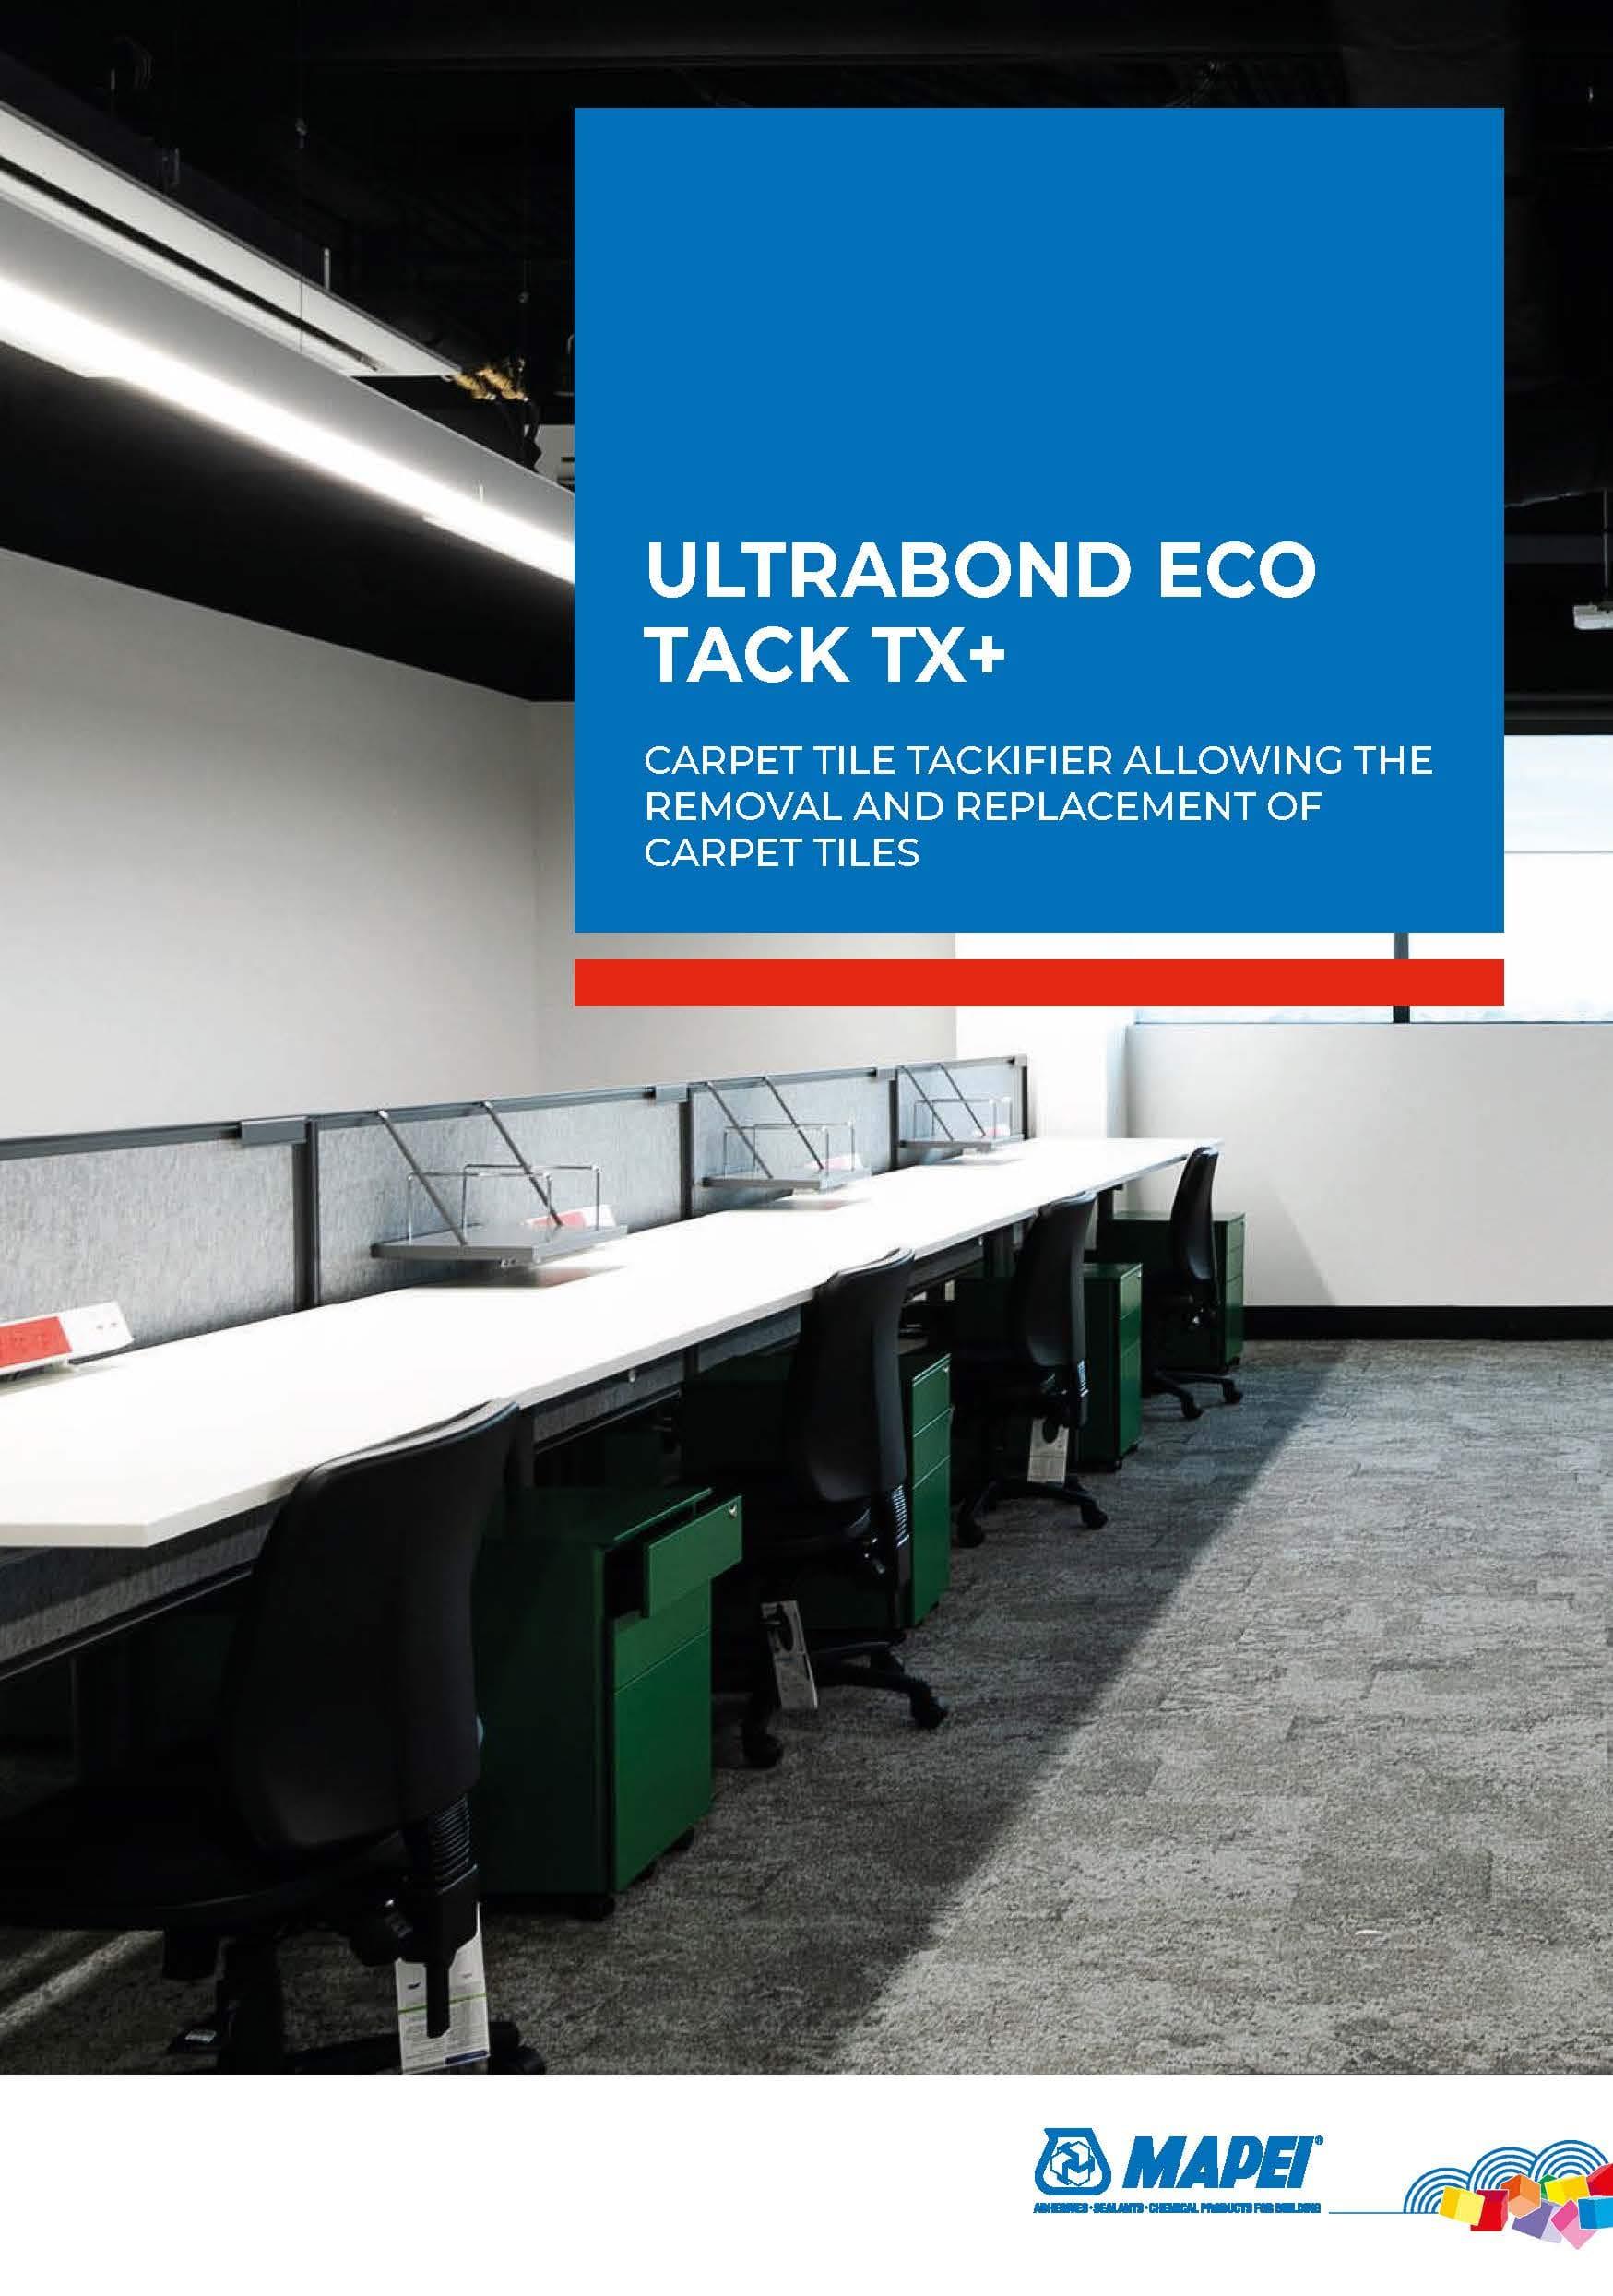 ULTRABOND ECO TACK TX+